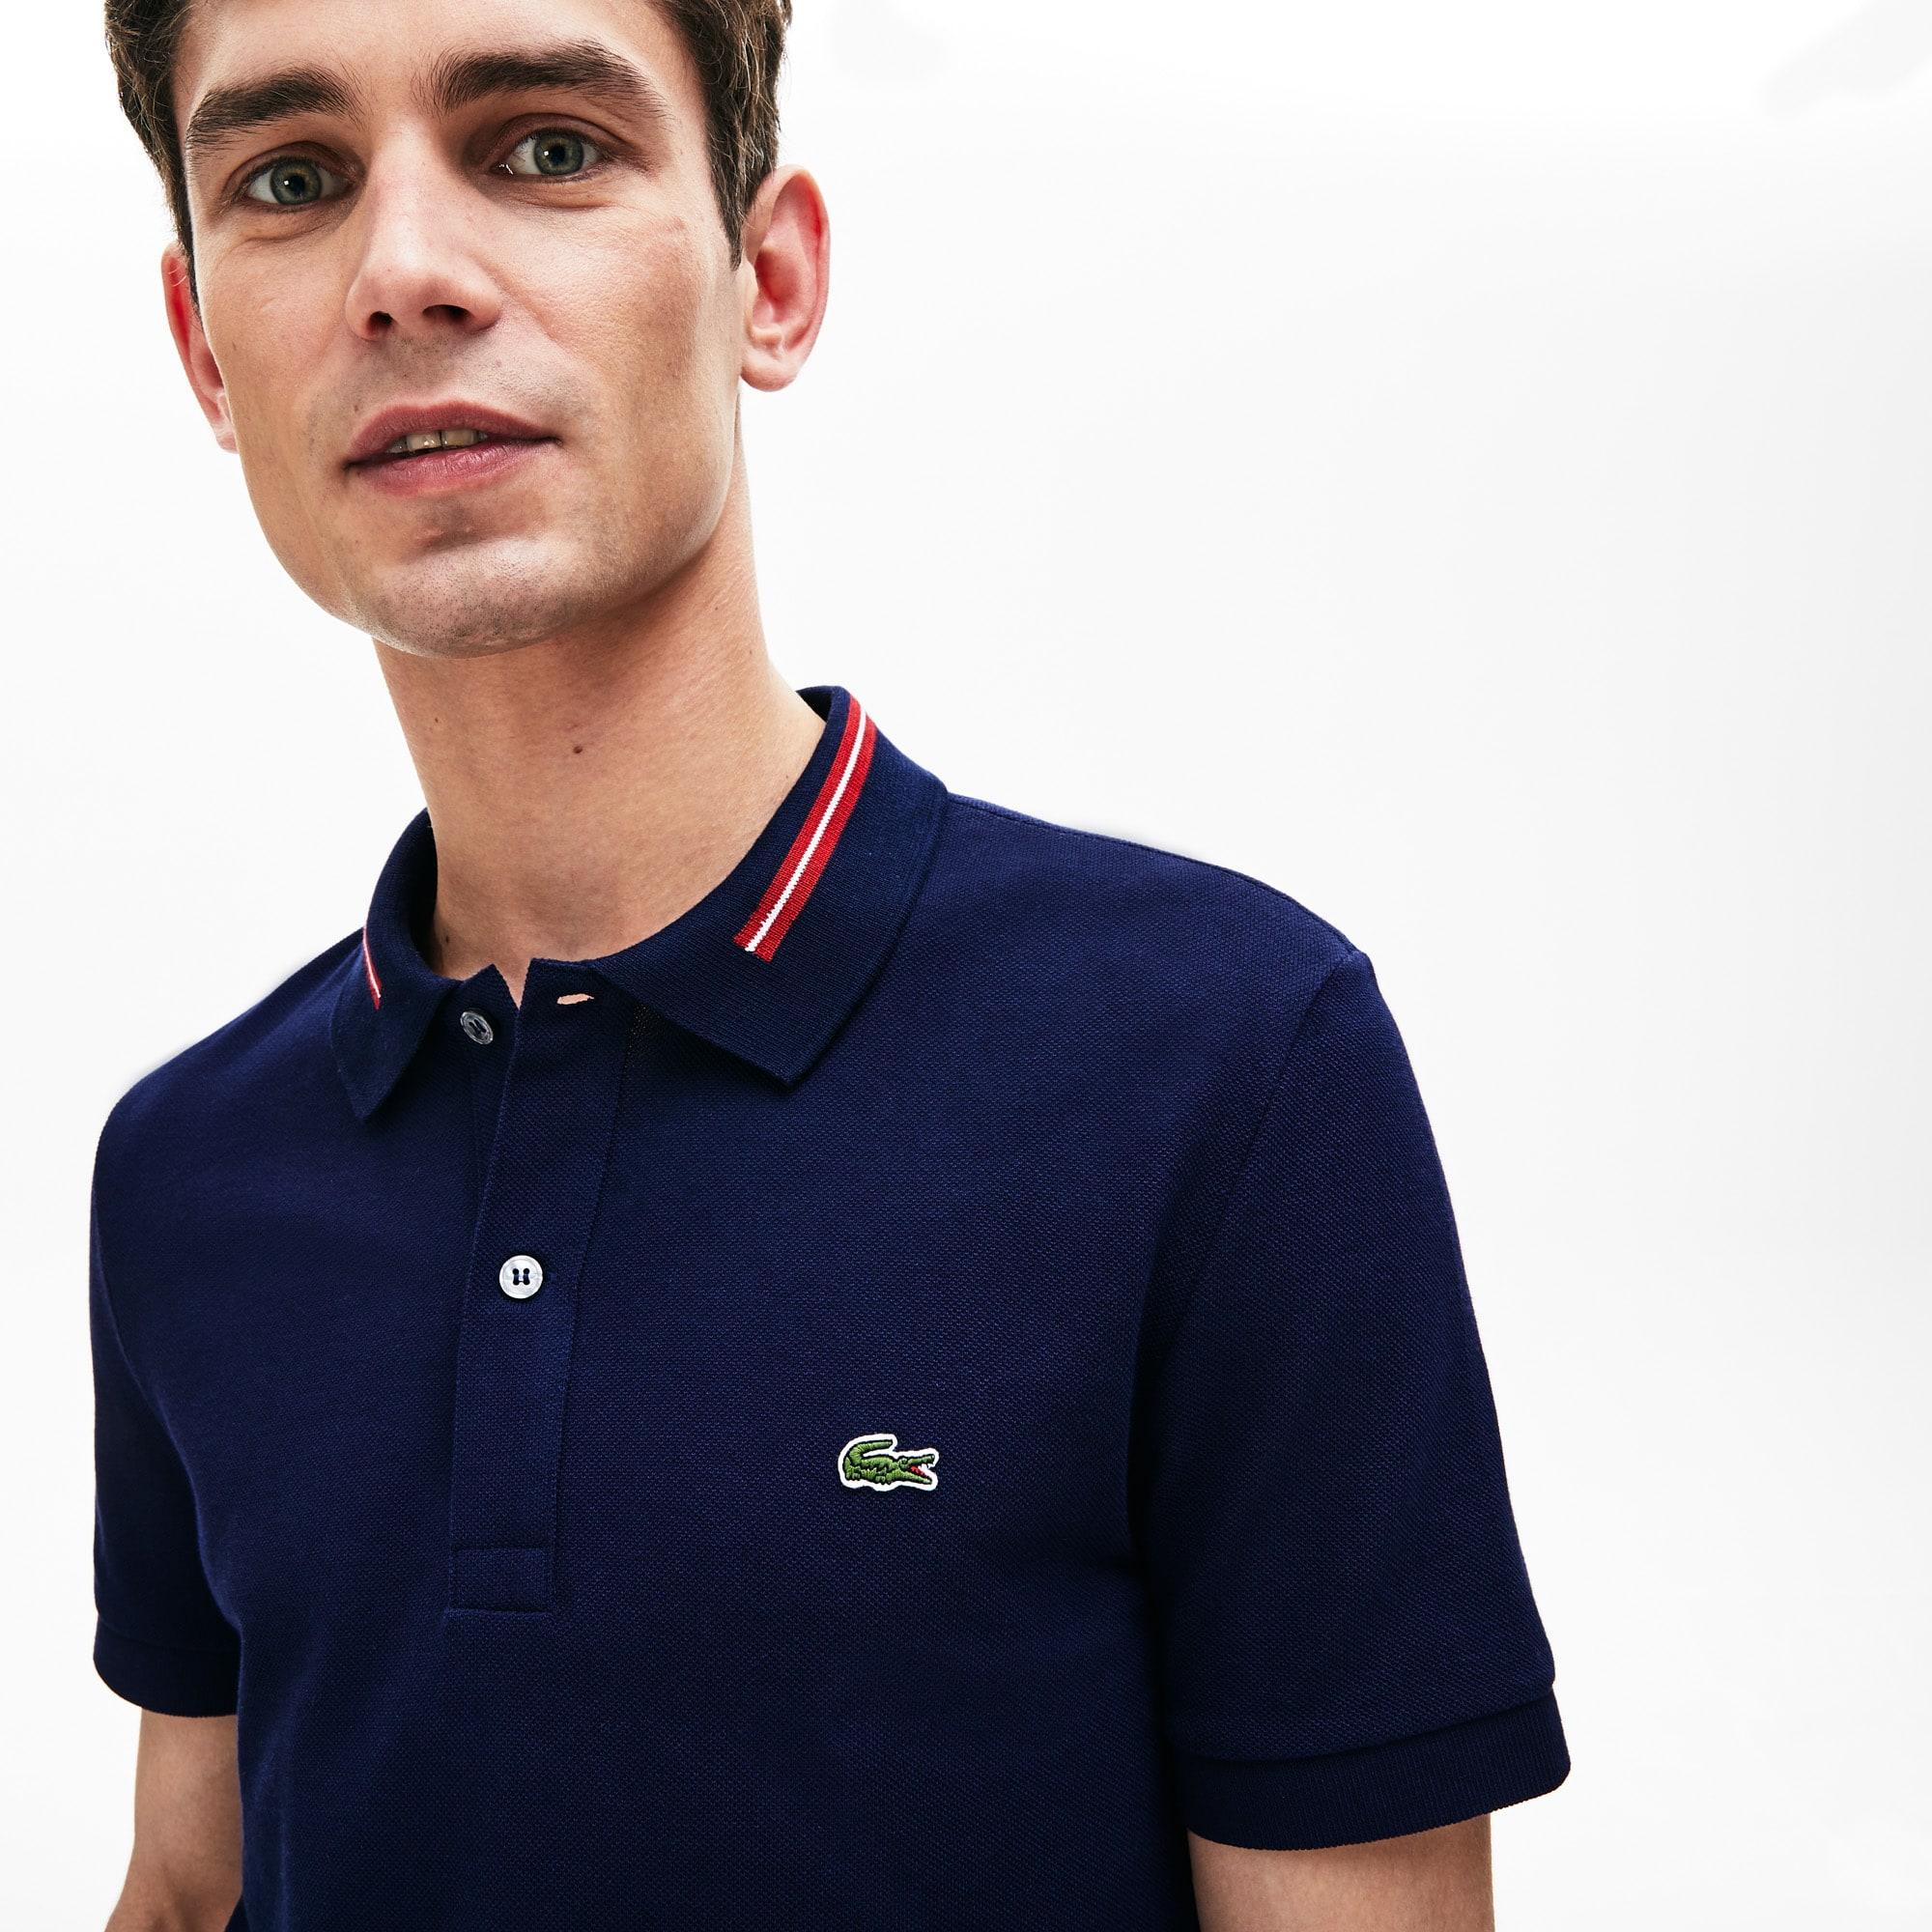 Lacoste Tops Men's Slim Fit Stripe-Accented Cotton Piqué Polo